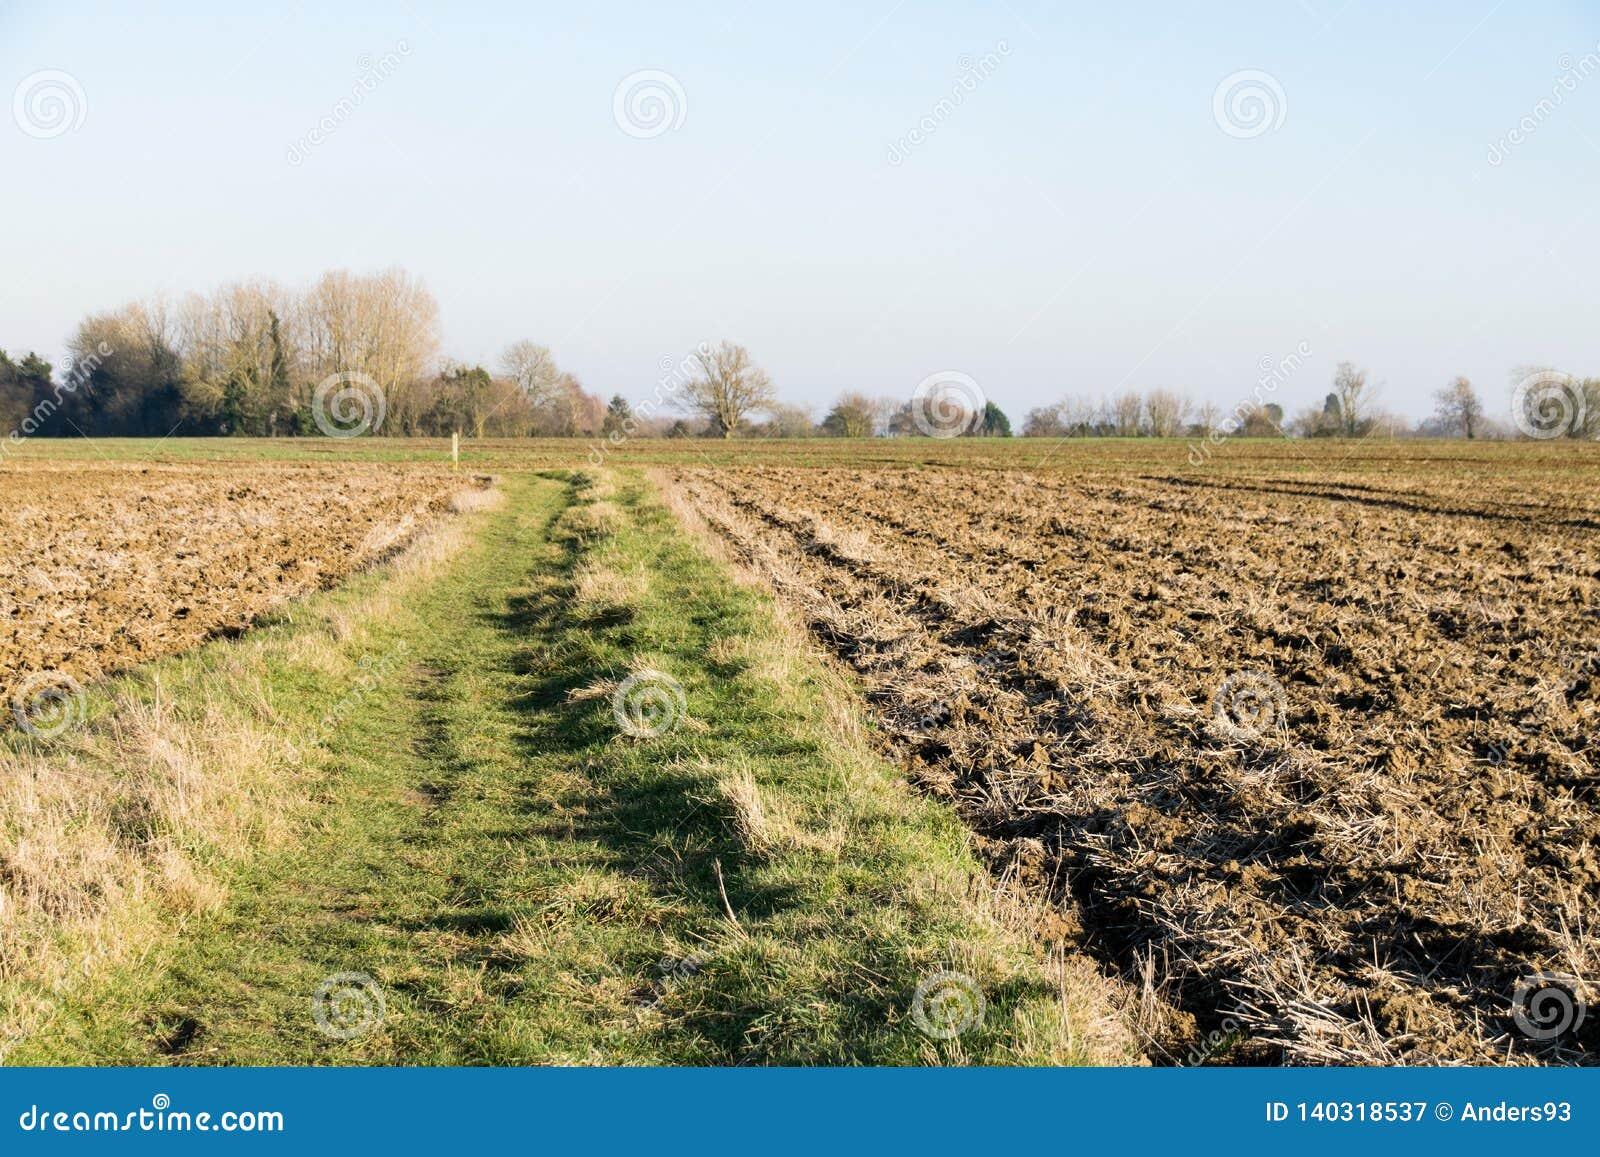 Ο θερμός καιρός Unseasonally ως εποχές αλλάζει από το χειμώνα για με τη νέα αύξηση που αρχίζει να προκύπτει στα δέντρα και τους σ